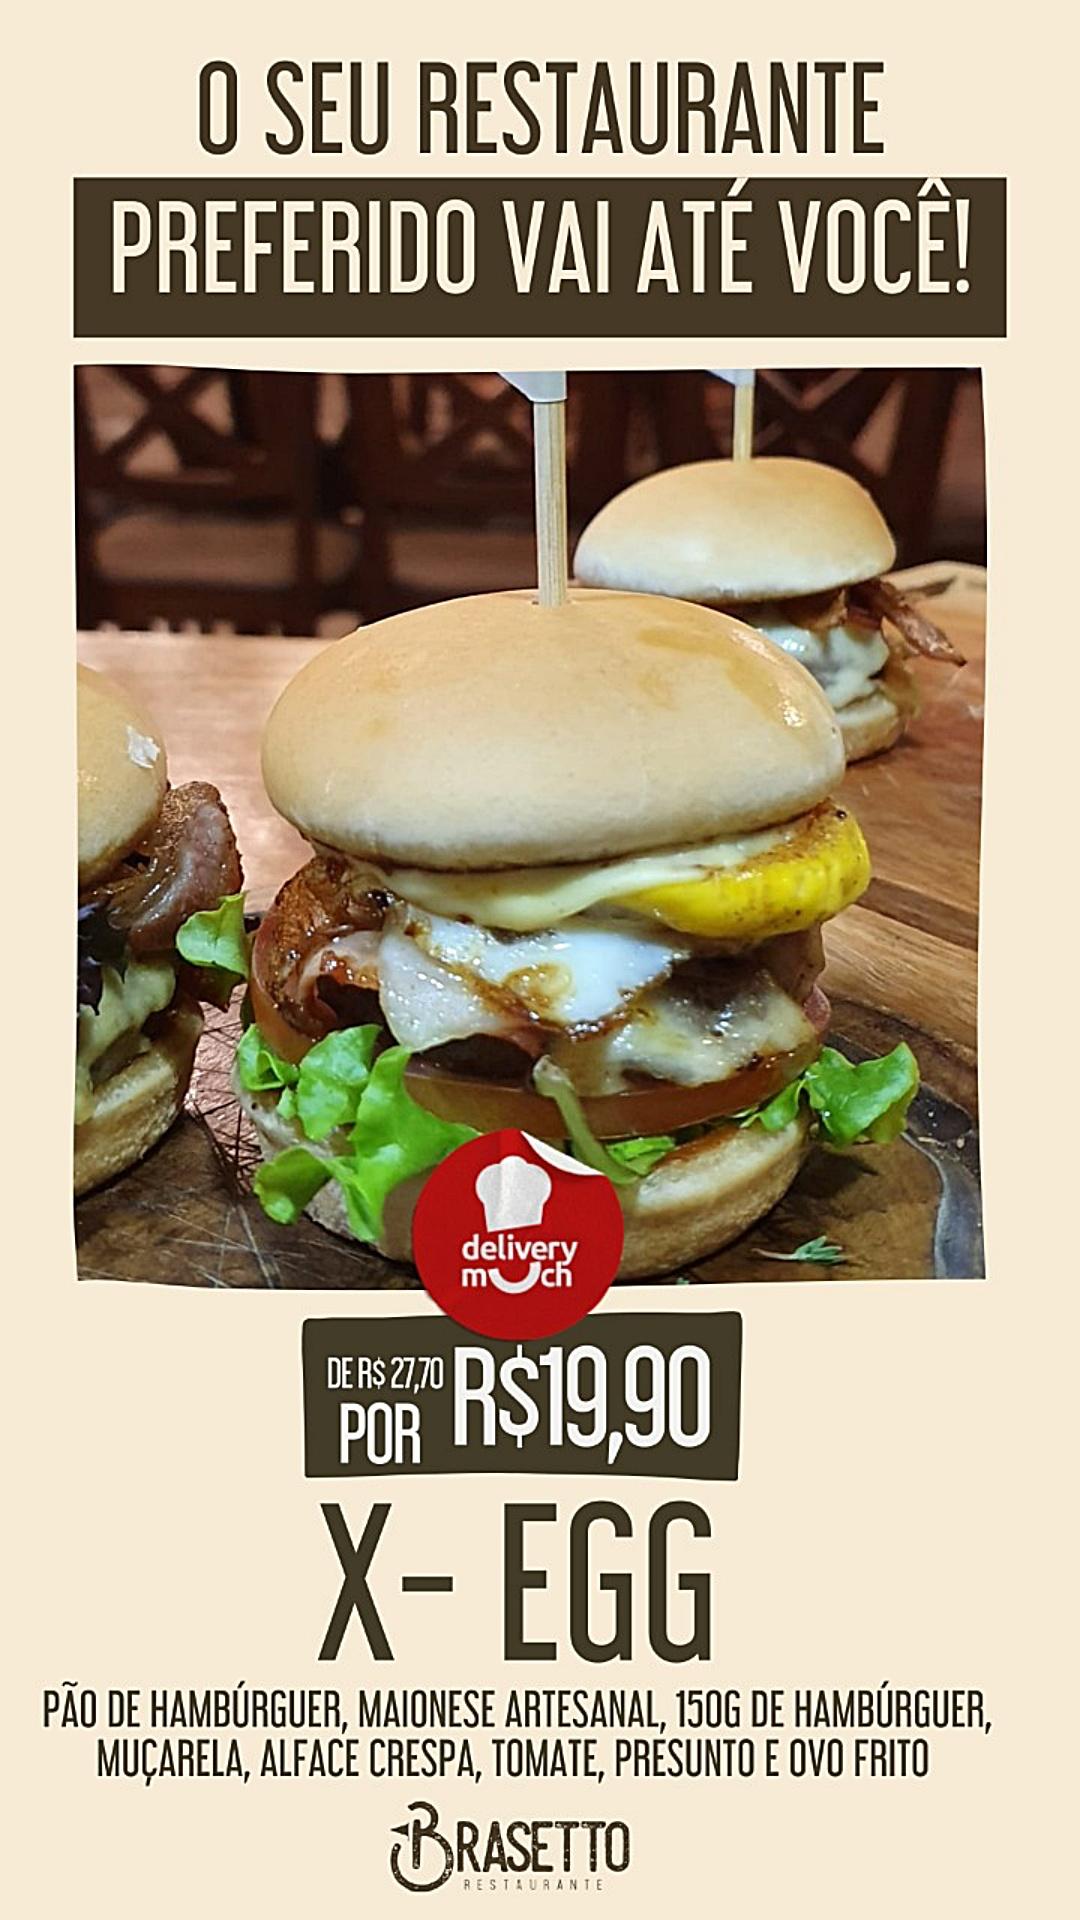 Brasetto continua com promoção de hambúrgueres e bife ancho nesta quinta